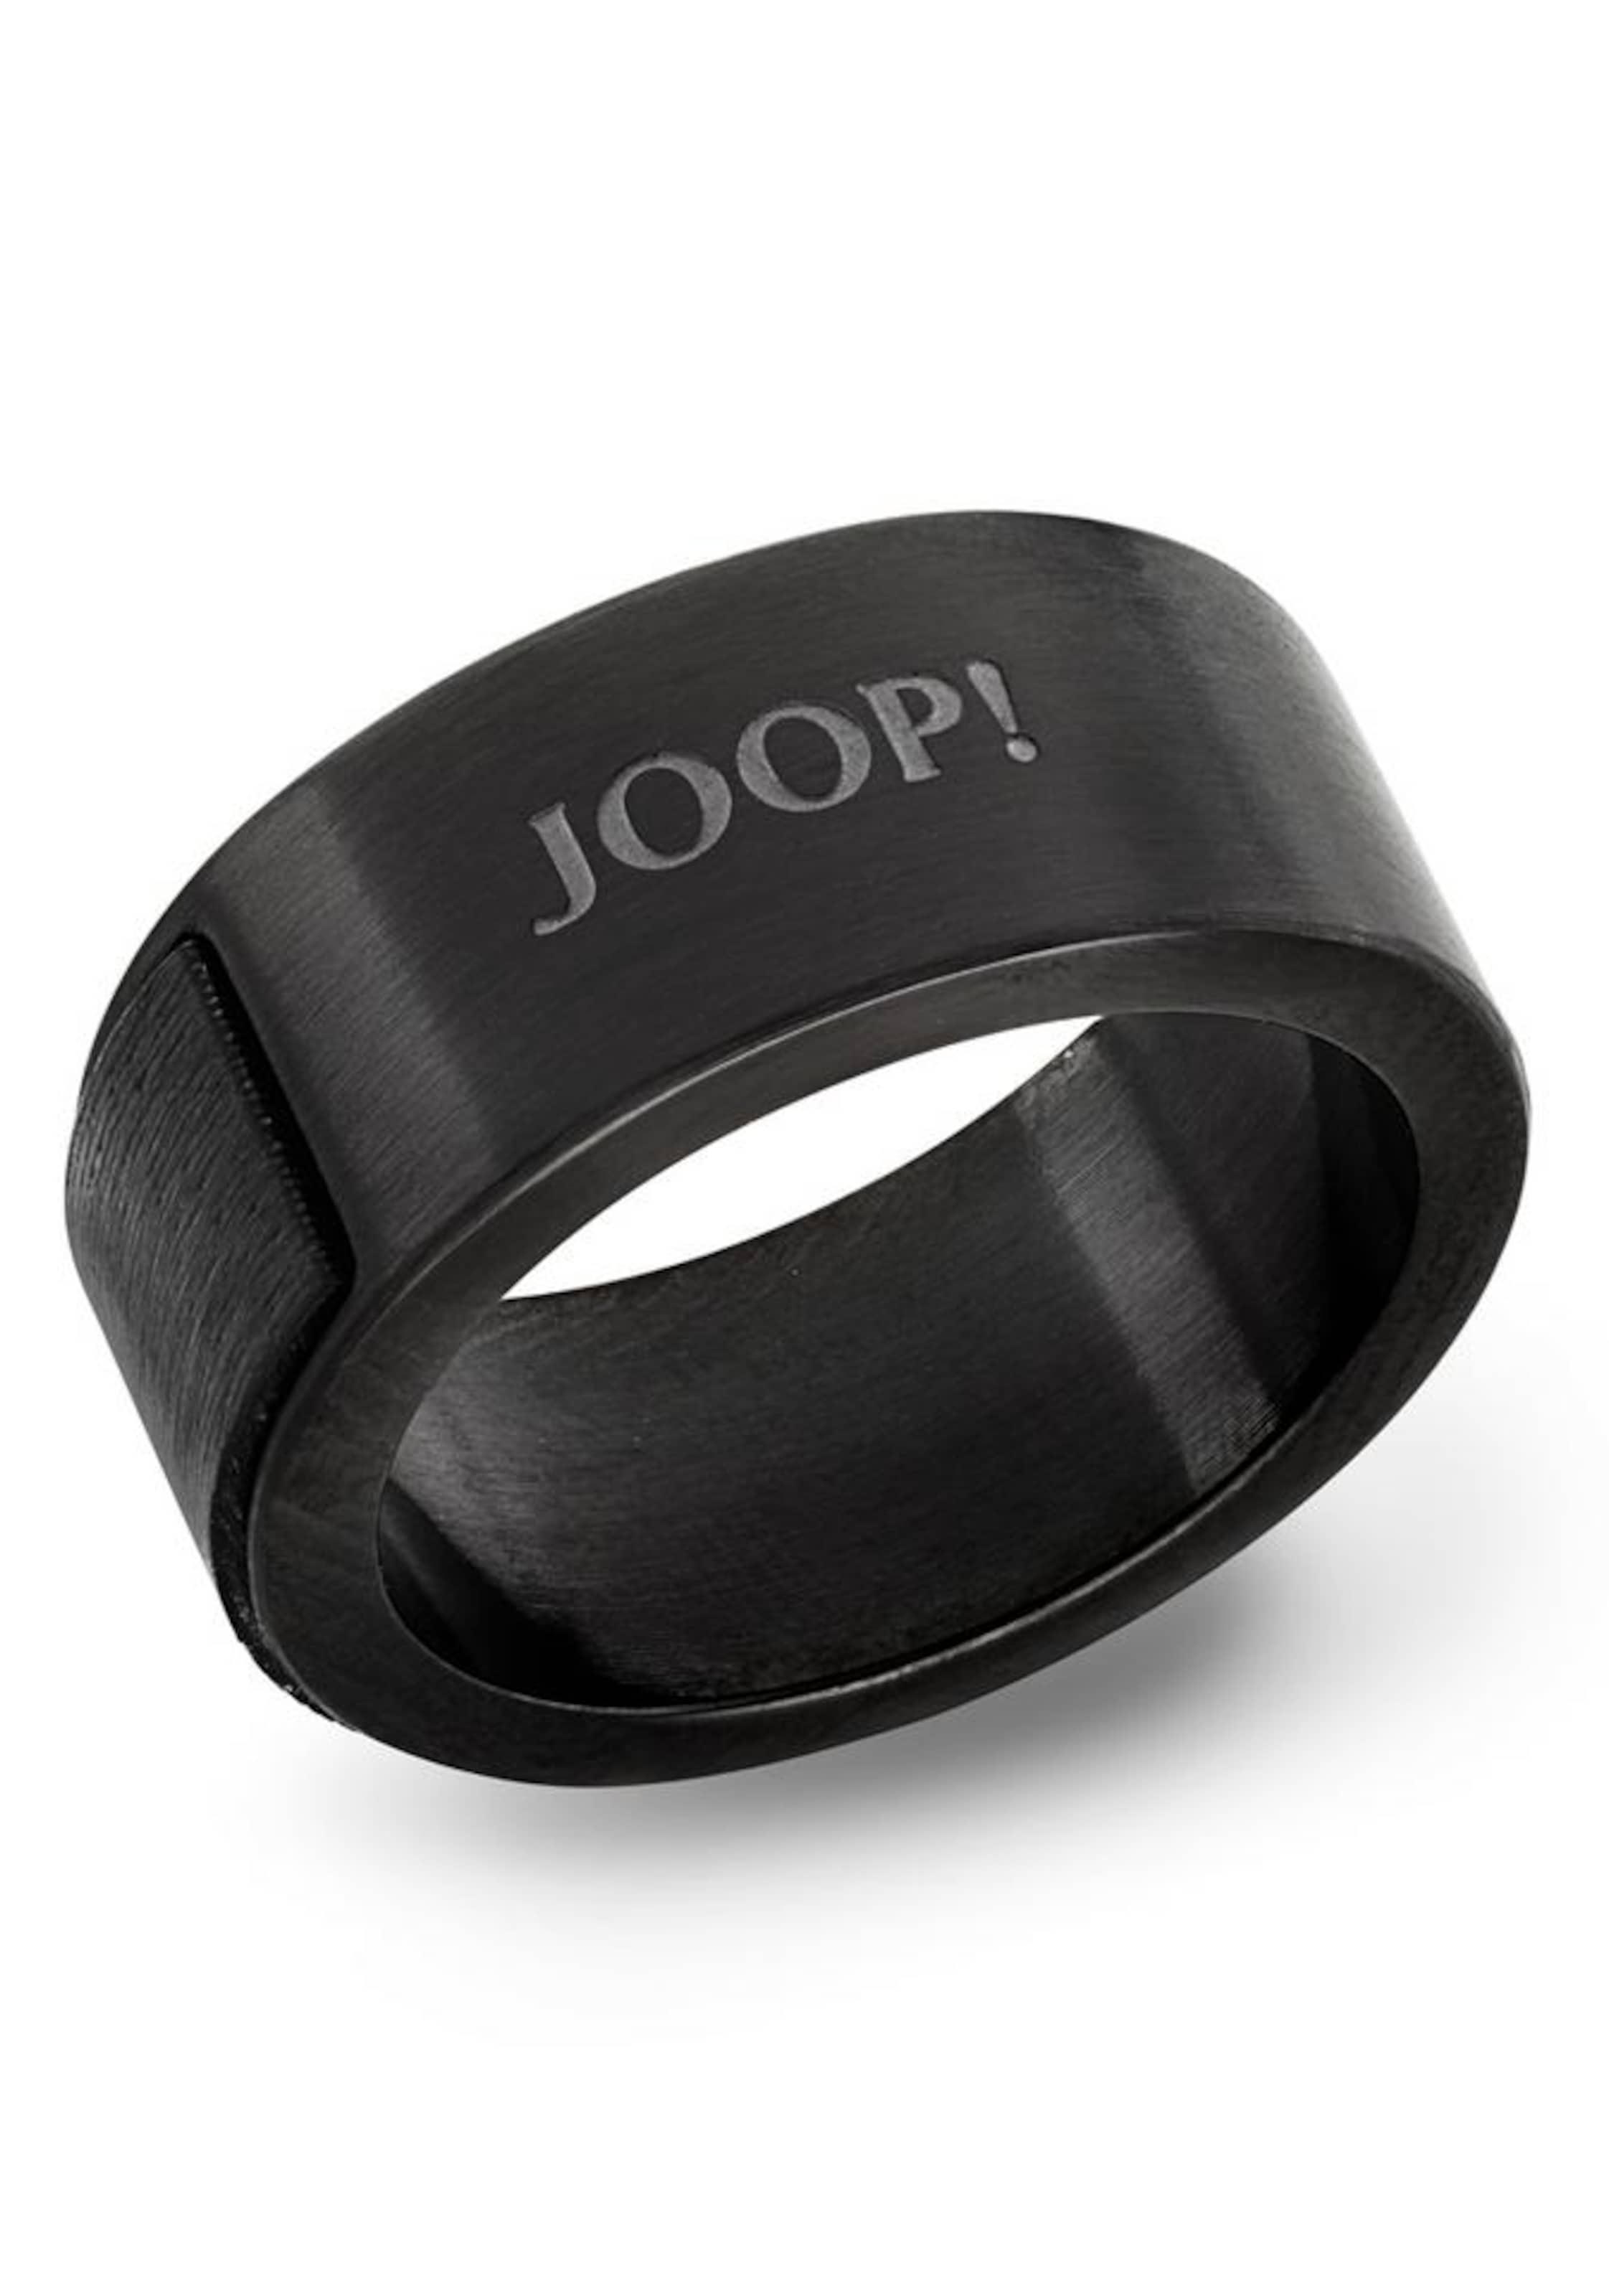 In JoopFingerring JoopFingerring Schwarz JoopFingerring '202342920234322023433' '202342920234322023433' Schwarz '202342920234322023433' In mN0wv8n